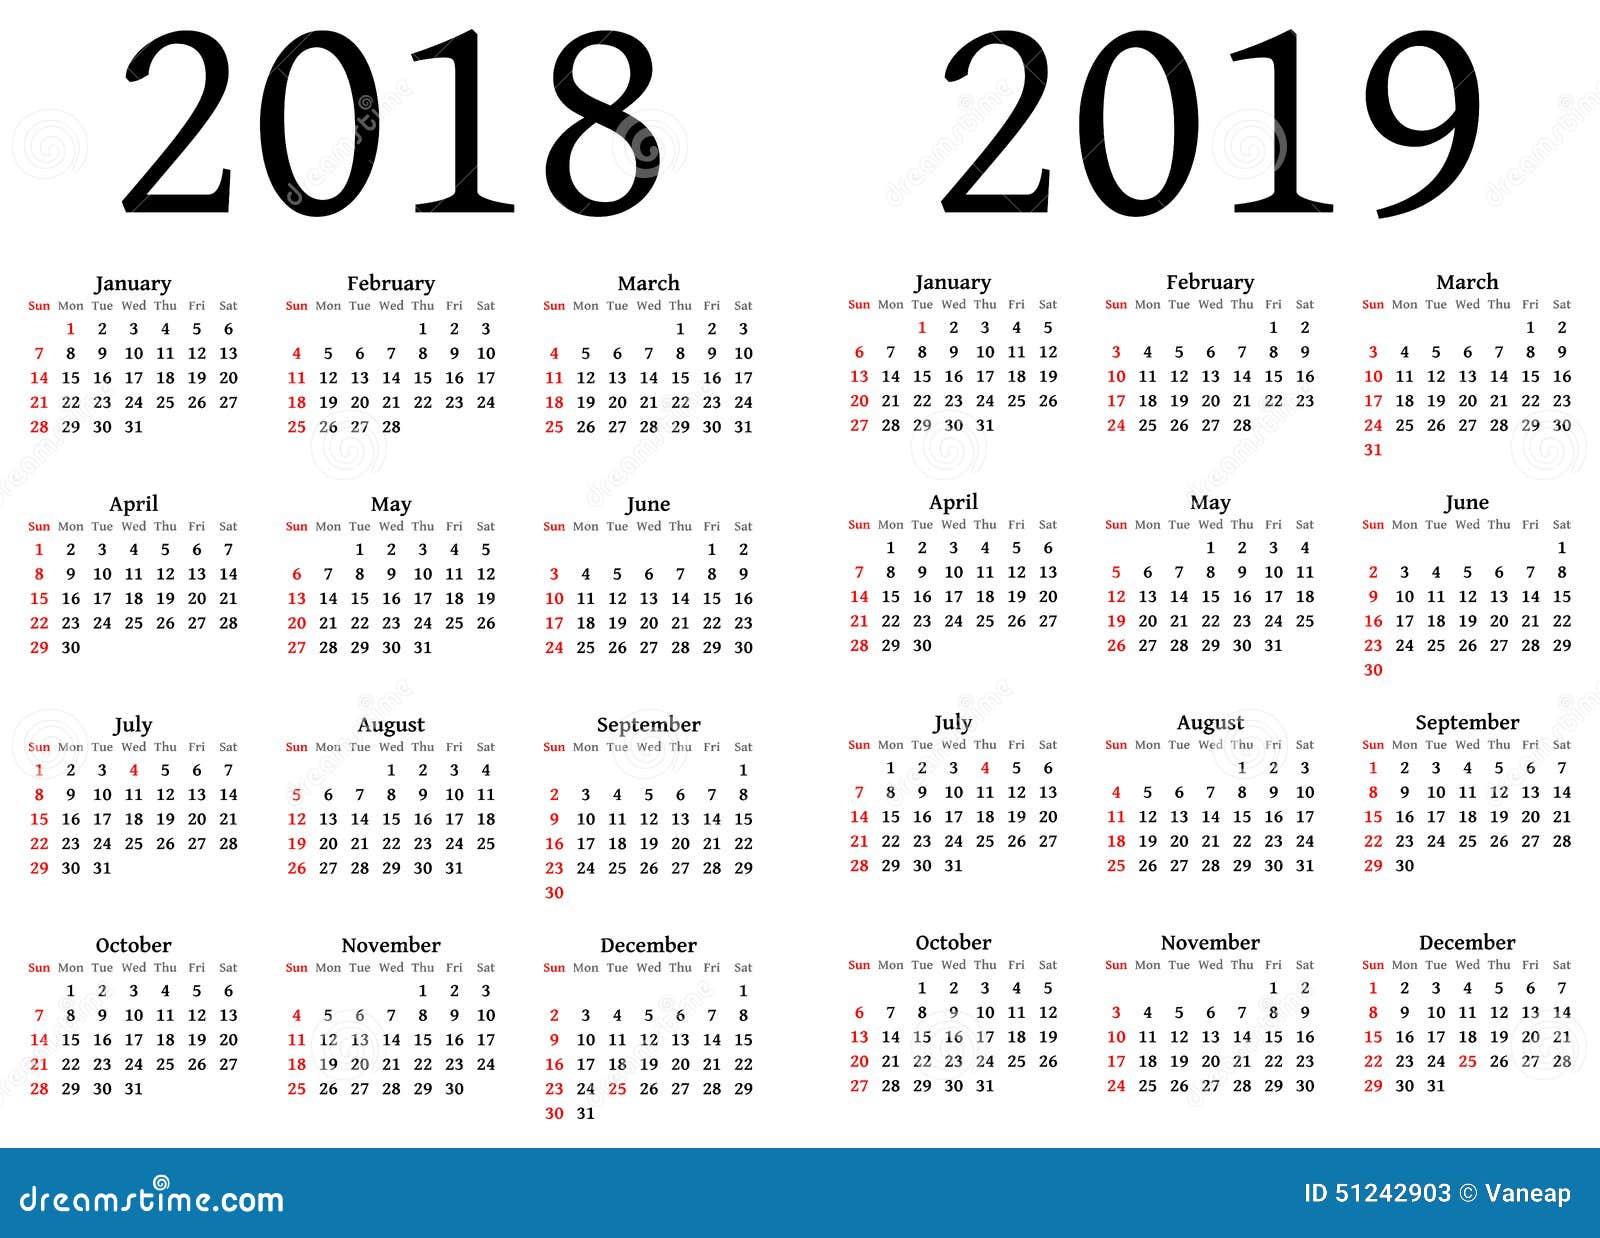 Calendrier Pour 2018 Et 2019 Illustration Stock ...